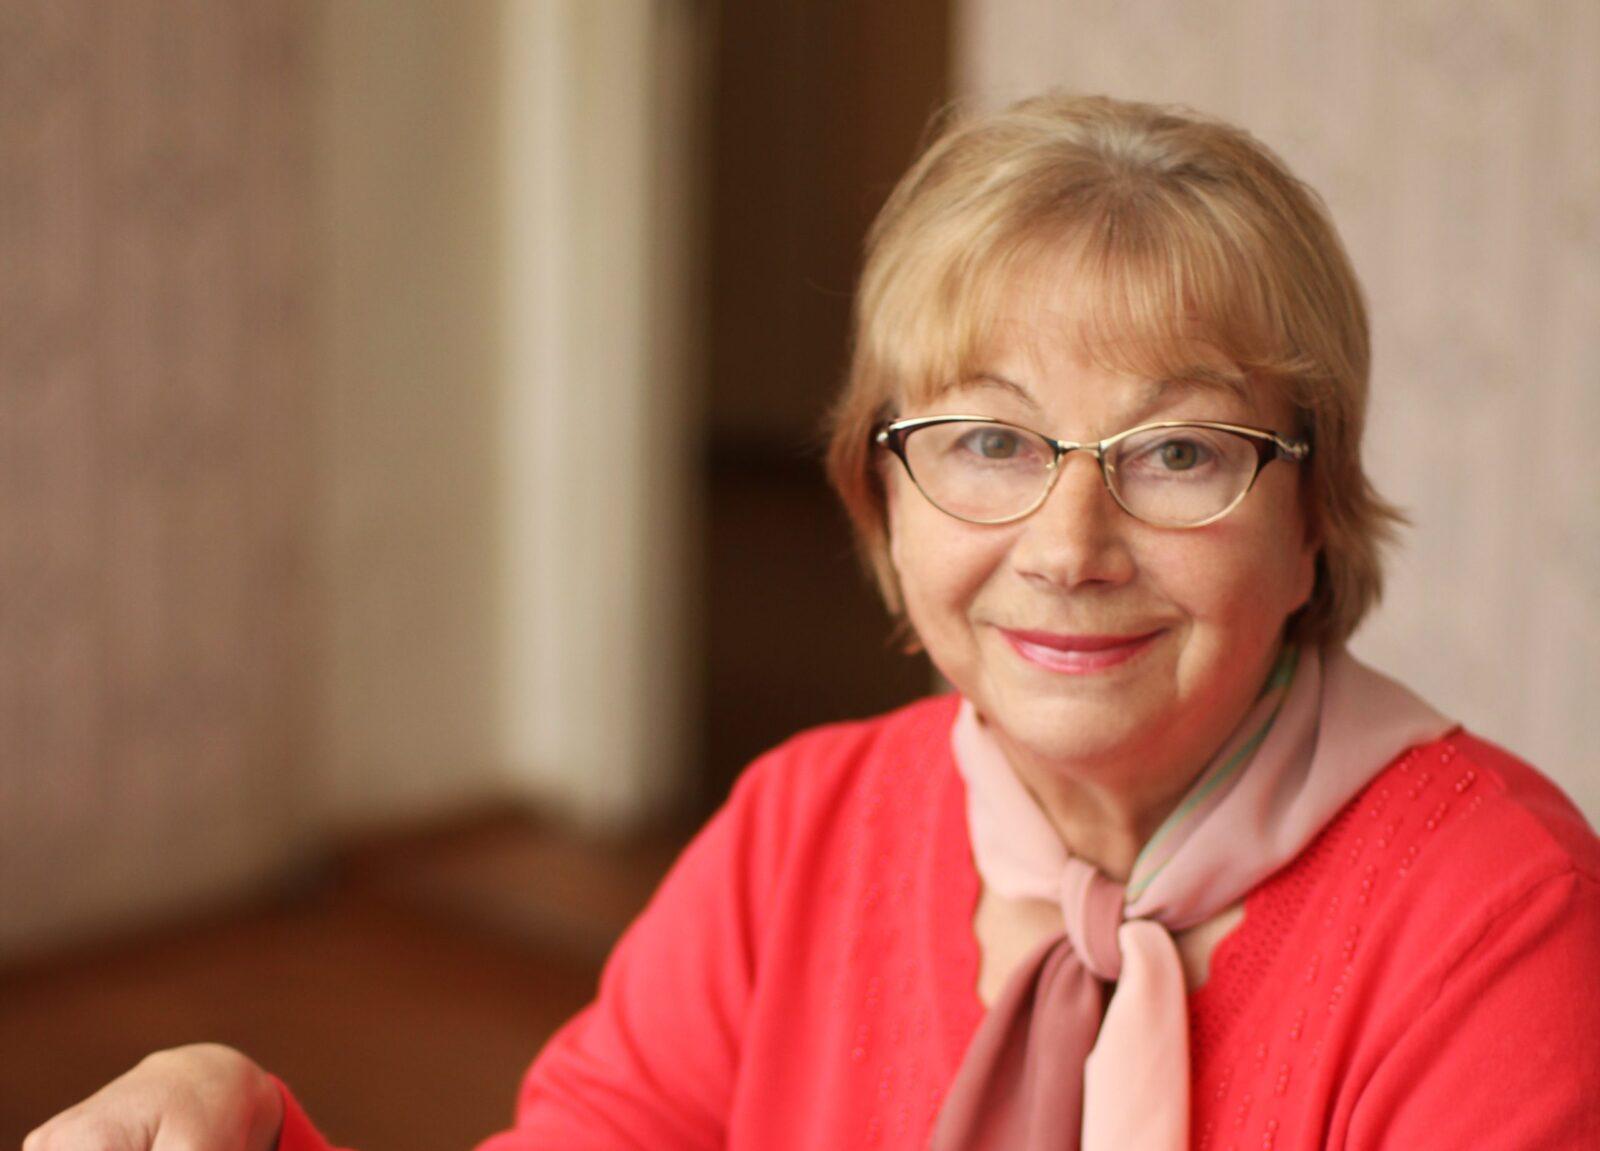 Людмила Нефедова: Губернатор отлично знает обстановку в регионе